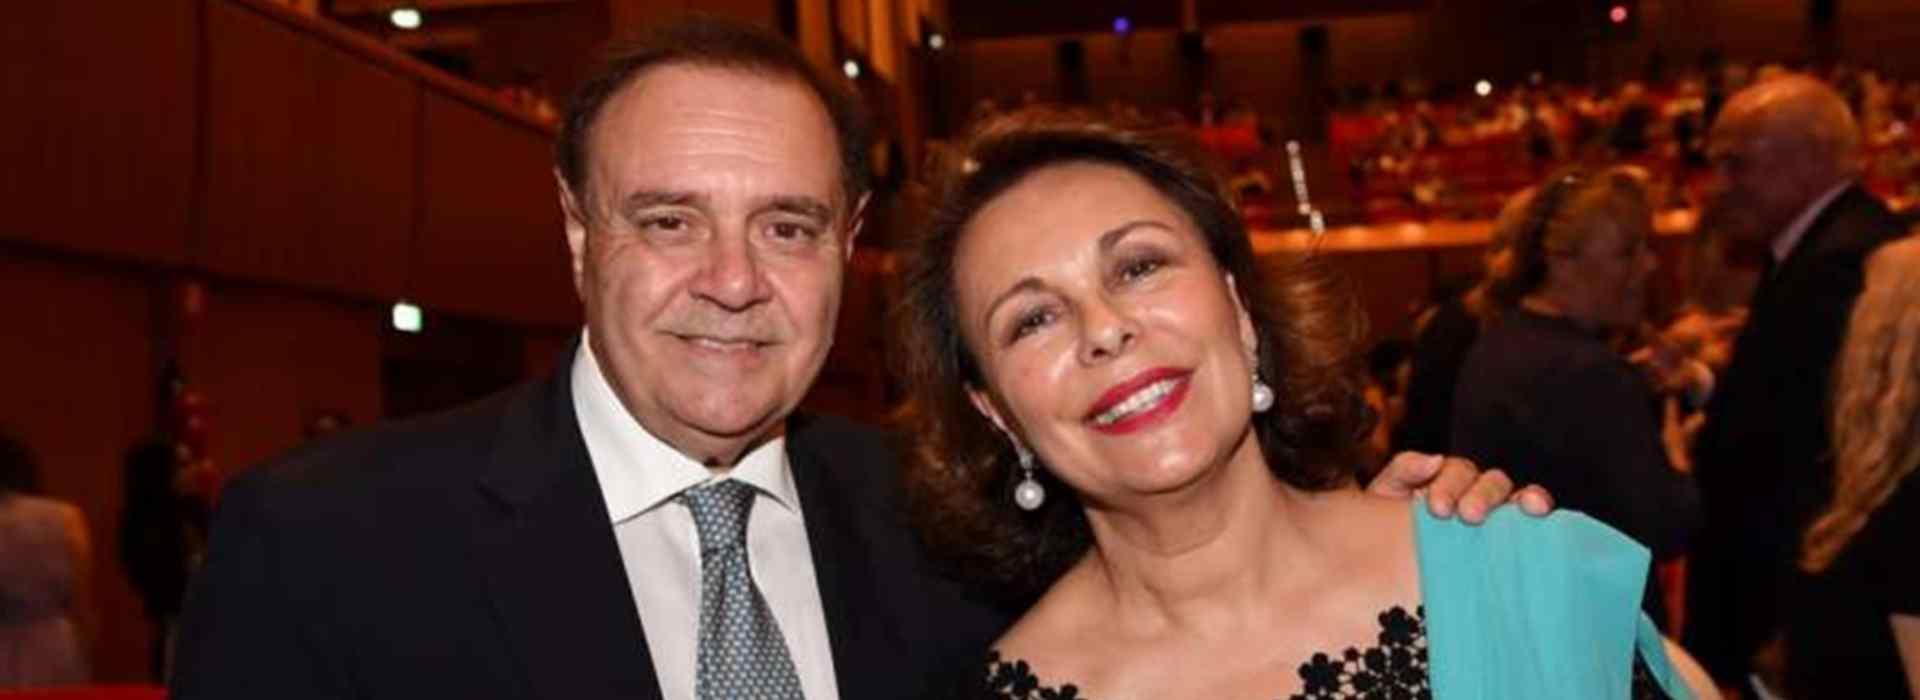 Crisi e poltrone: nasce Maie 23, il movimento di palazzo in cui entra Sandra Lonardo, moglie di Mastella